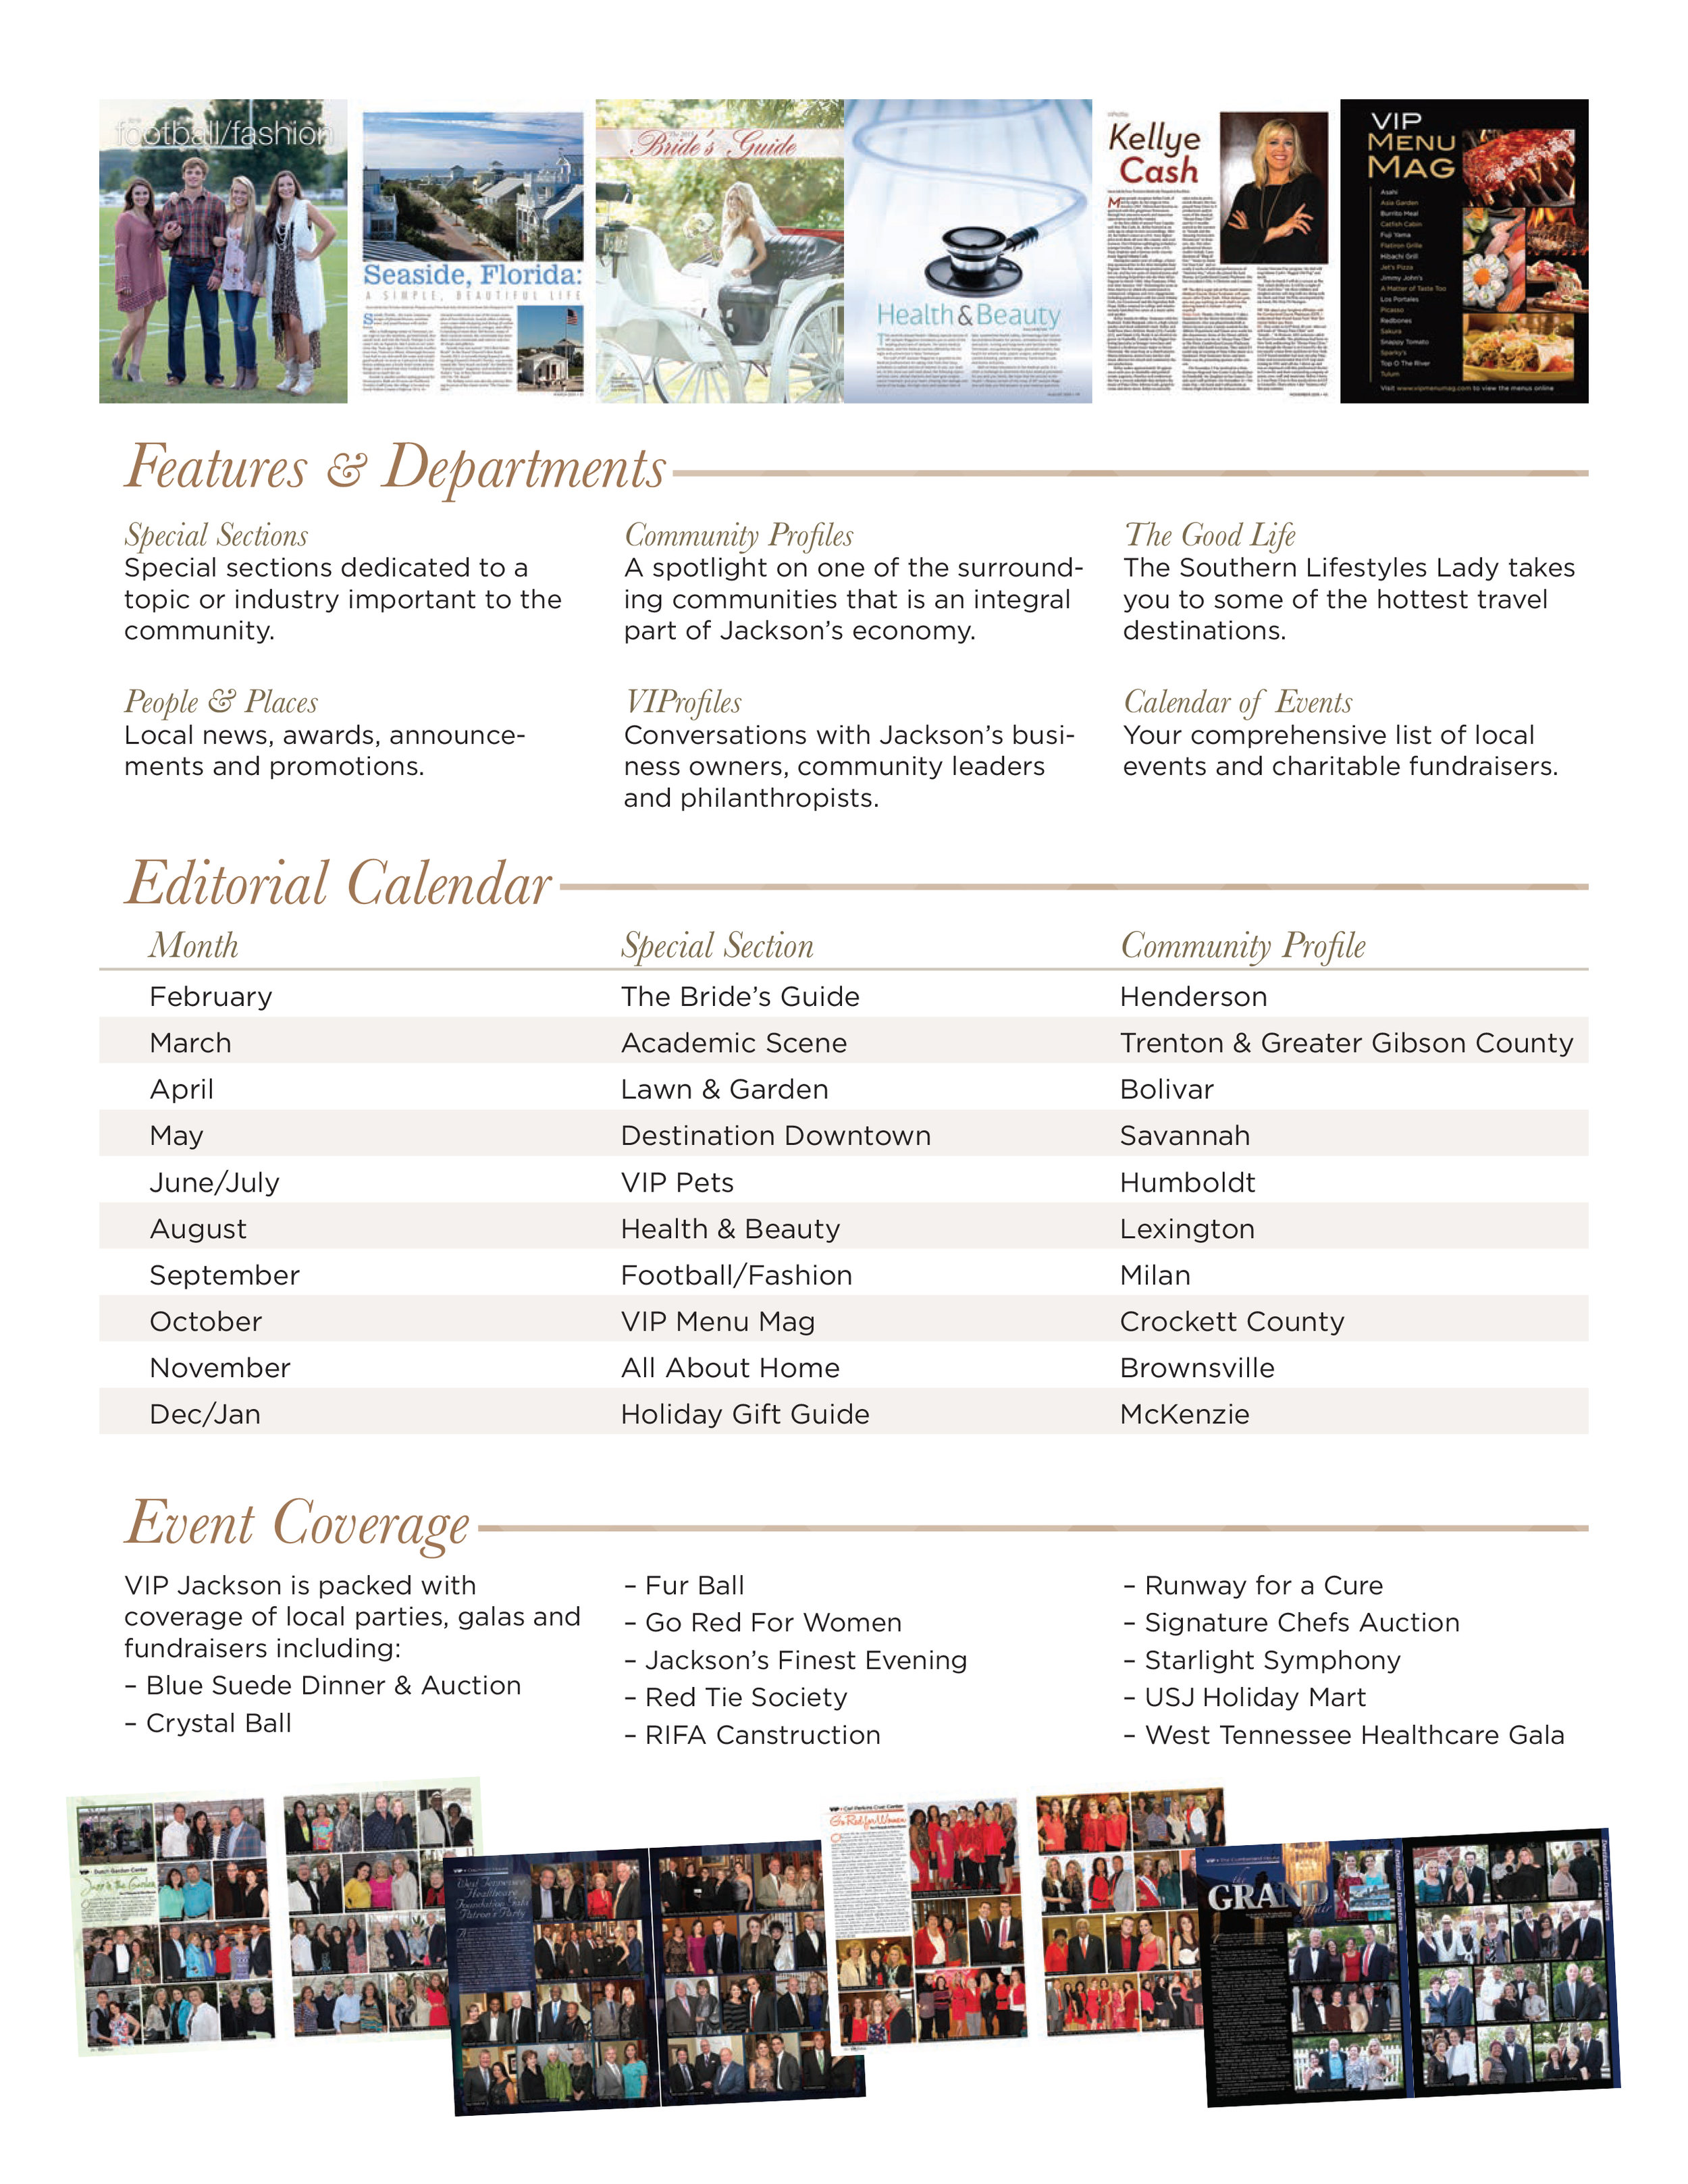 VIPJackson Media Kit 2019-2.jpg